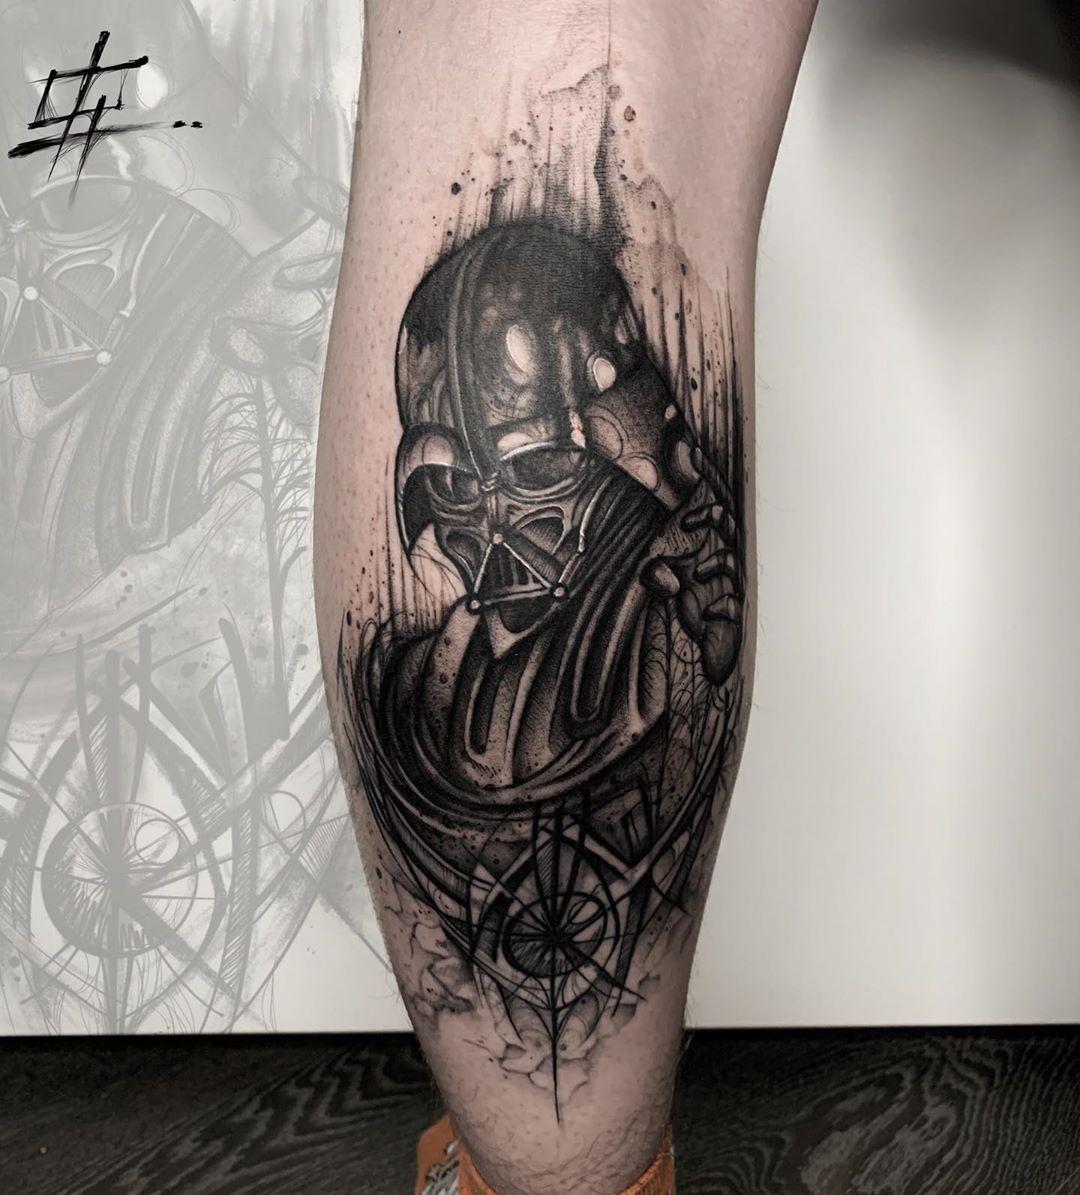 Darth Vader sketch tattoo